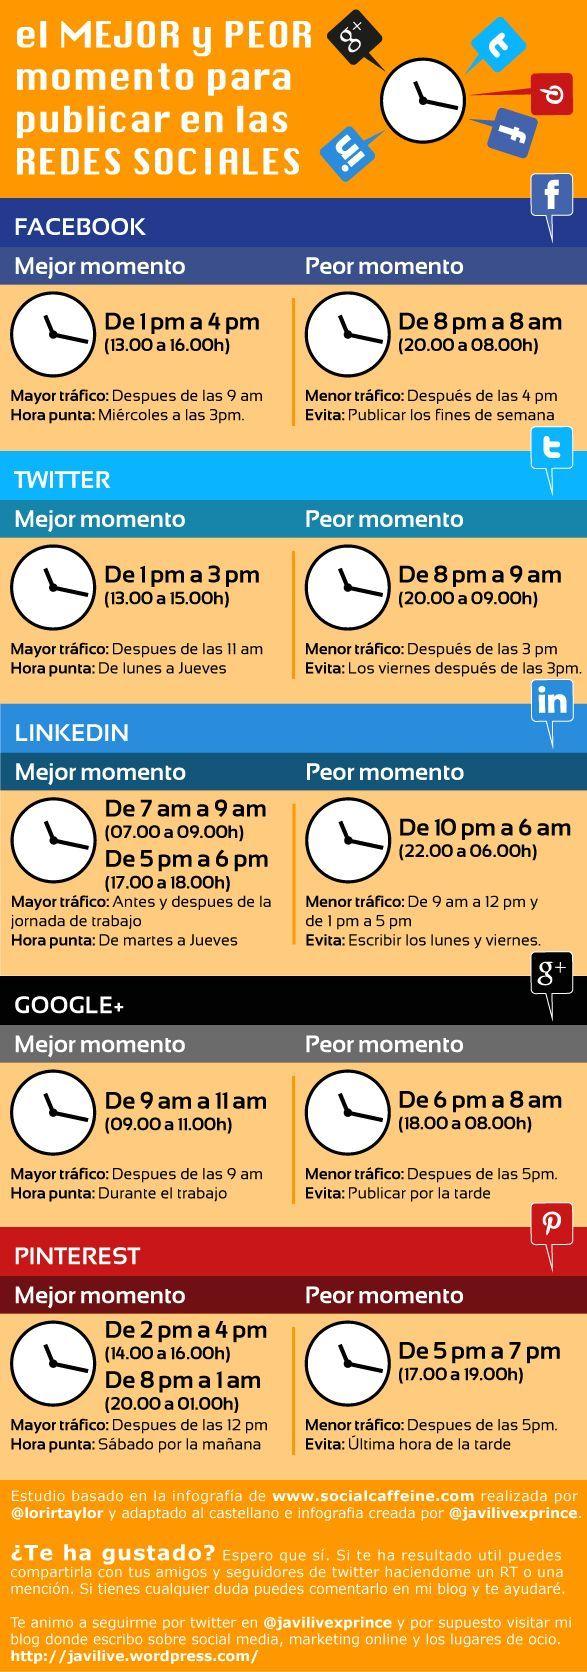 Infografía en español que muestra el mejor momento para publicar contenido en Redes Sociales